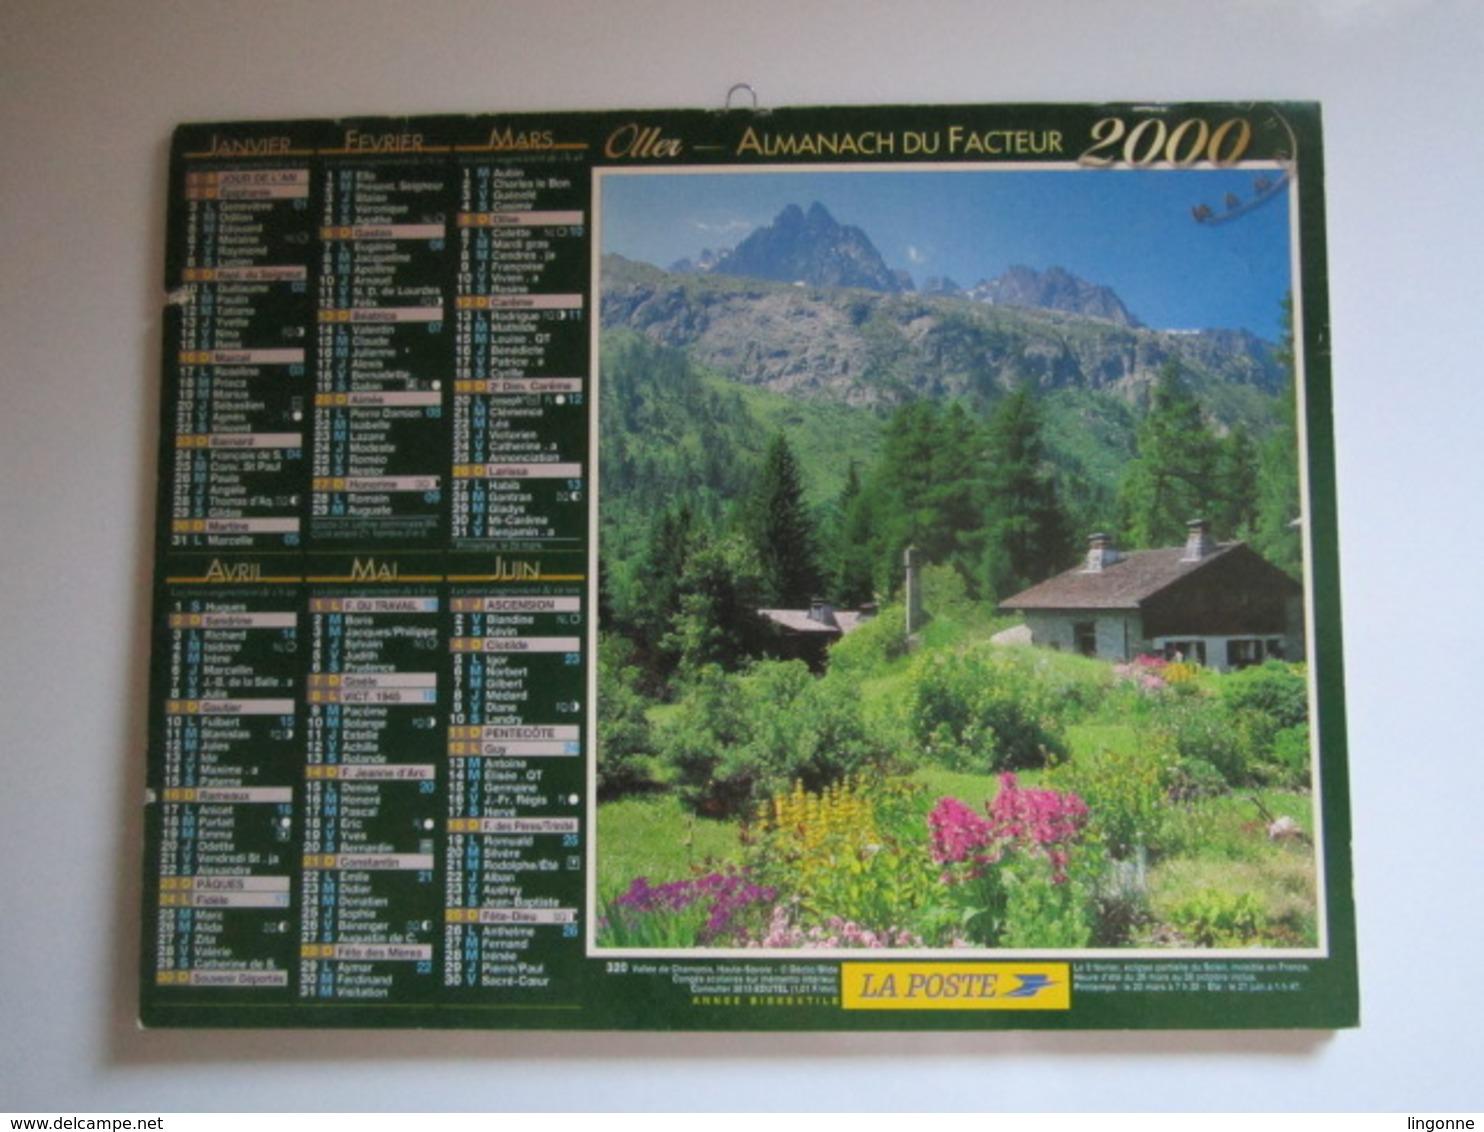 2000 ALMANACH DU FACTEUR Calendrier Des Postes HAUTE-MARNE 52 - Calendriers